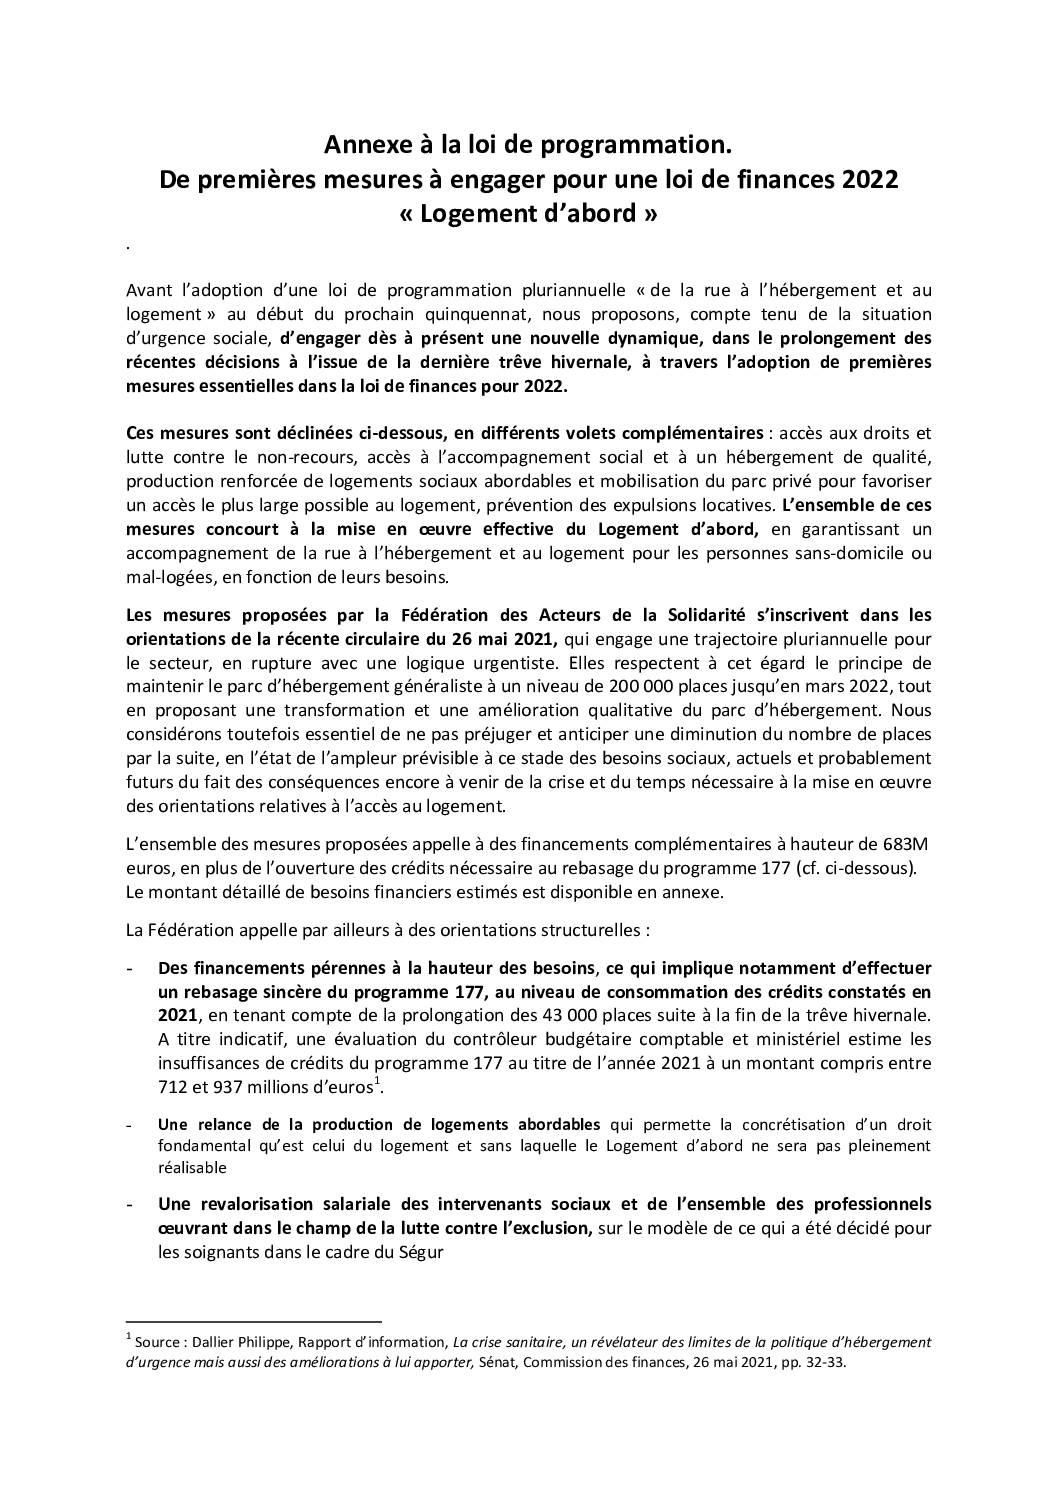 Annexe à la loi de programmation. De premières mesures à engager pour une loi de finances 2022  « Logement d'abord »